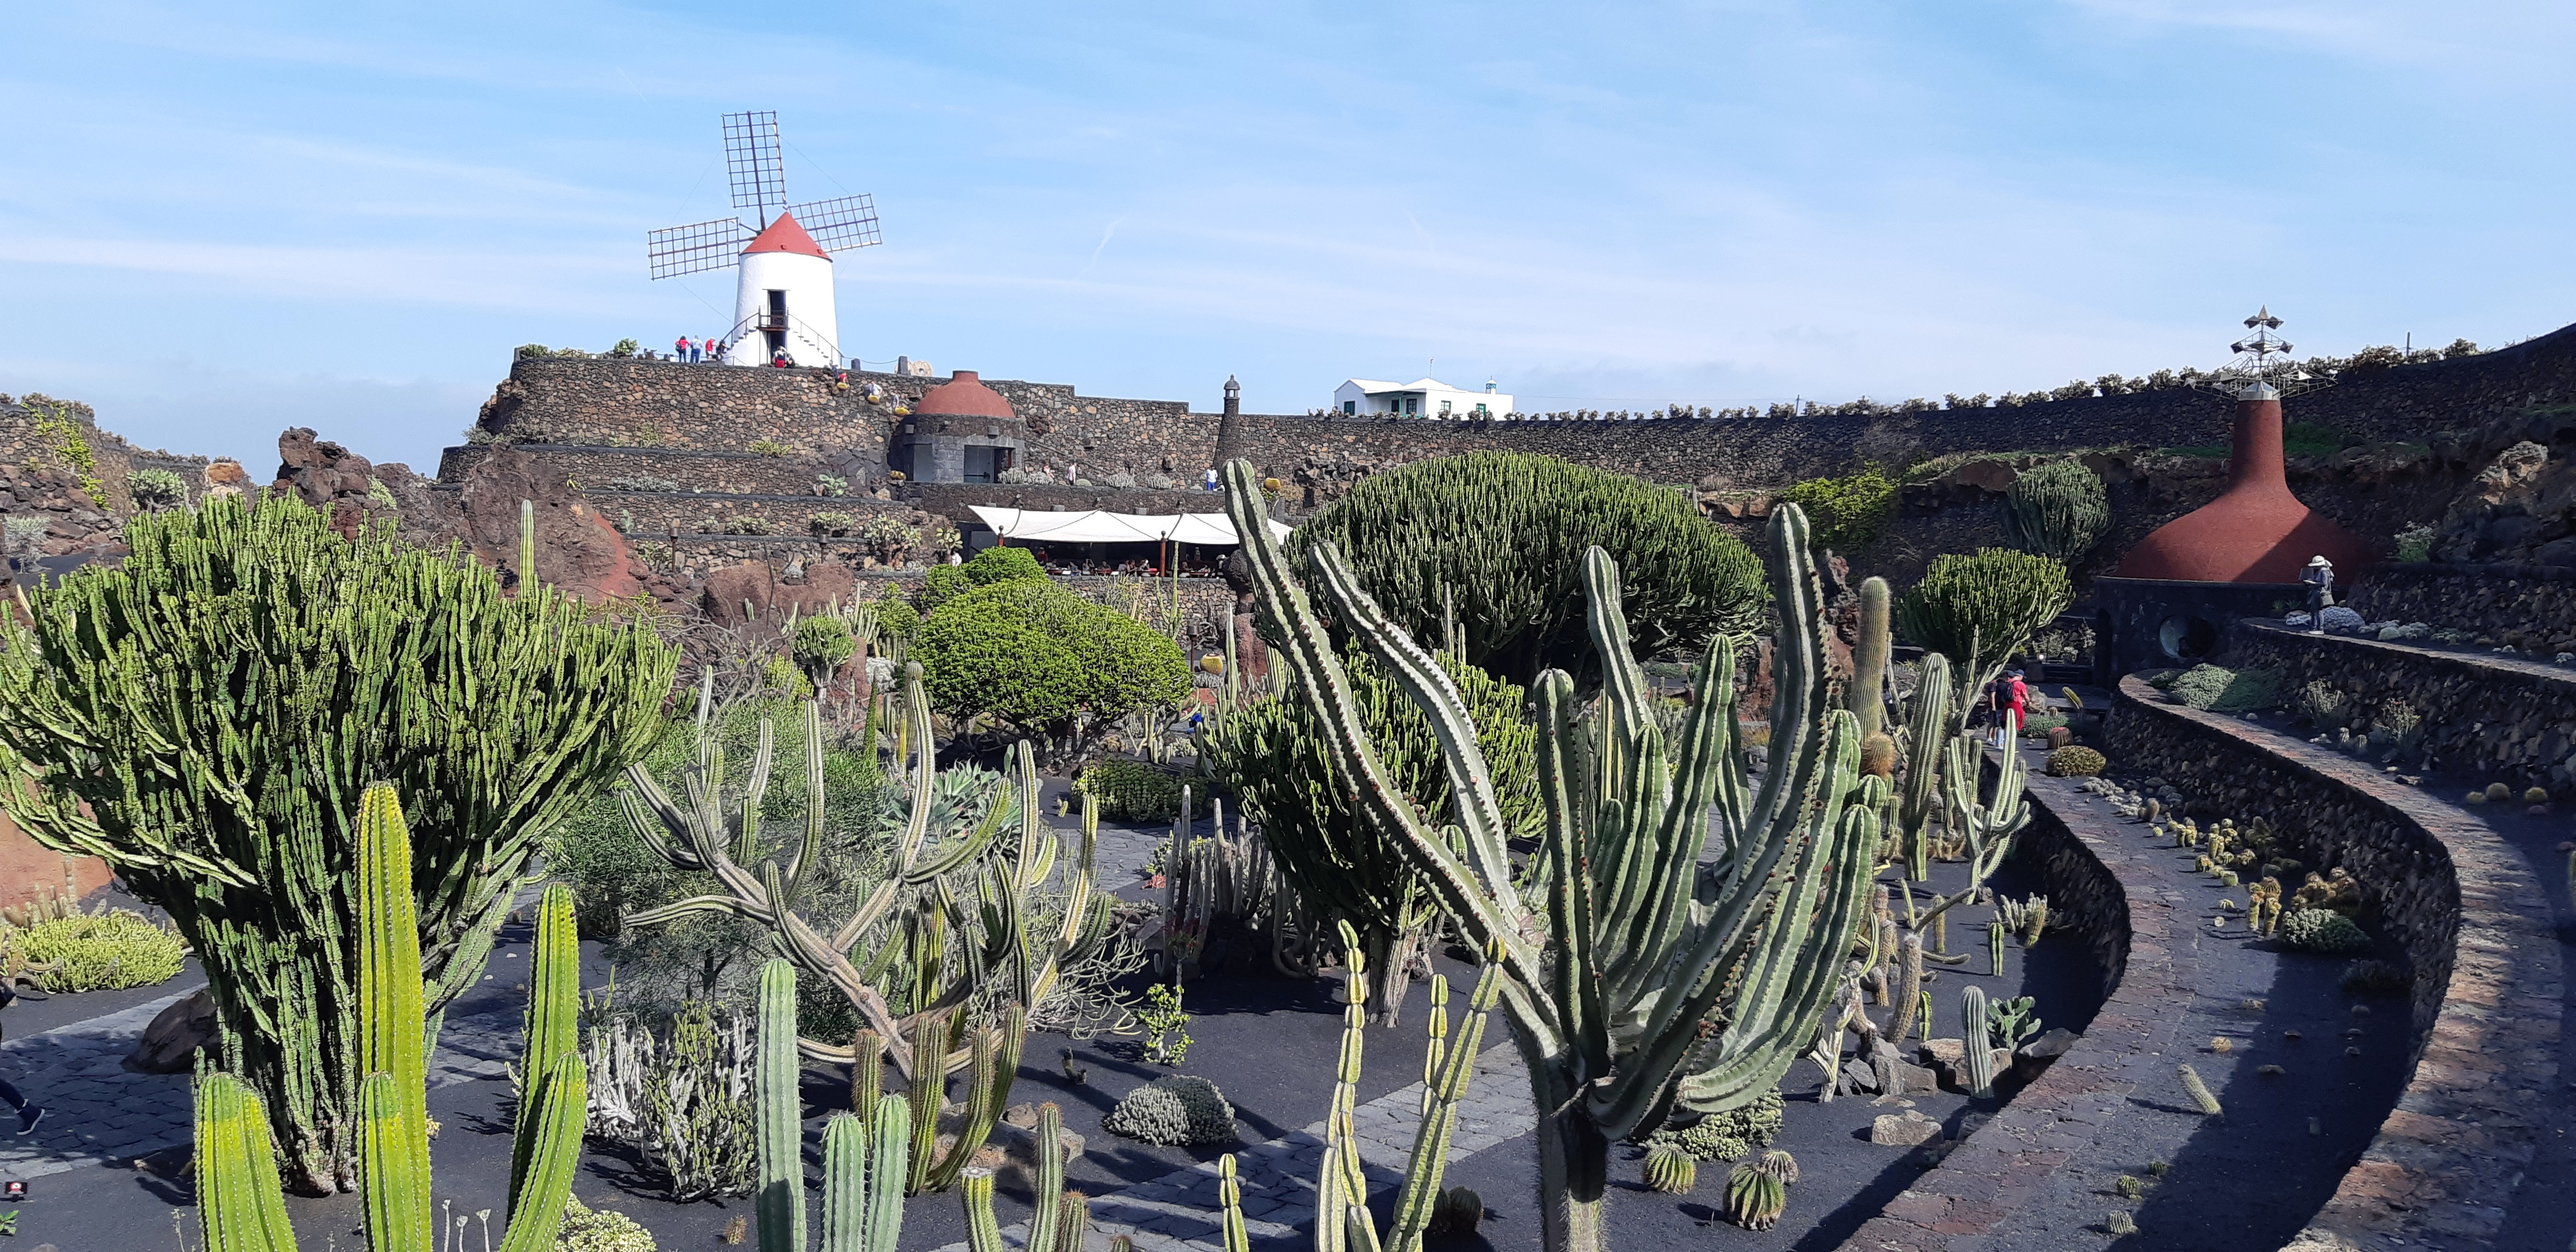 Lanzarote _ Jardin de Cactus_5.jpeg